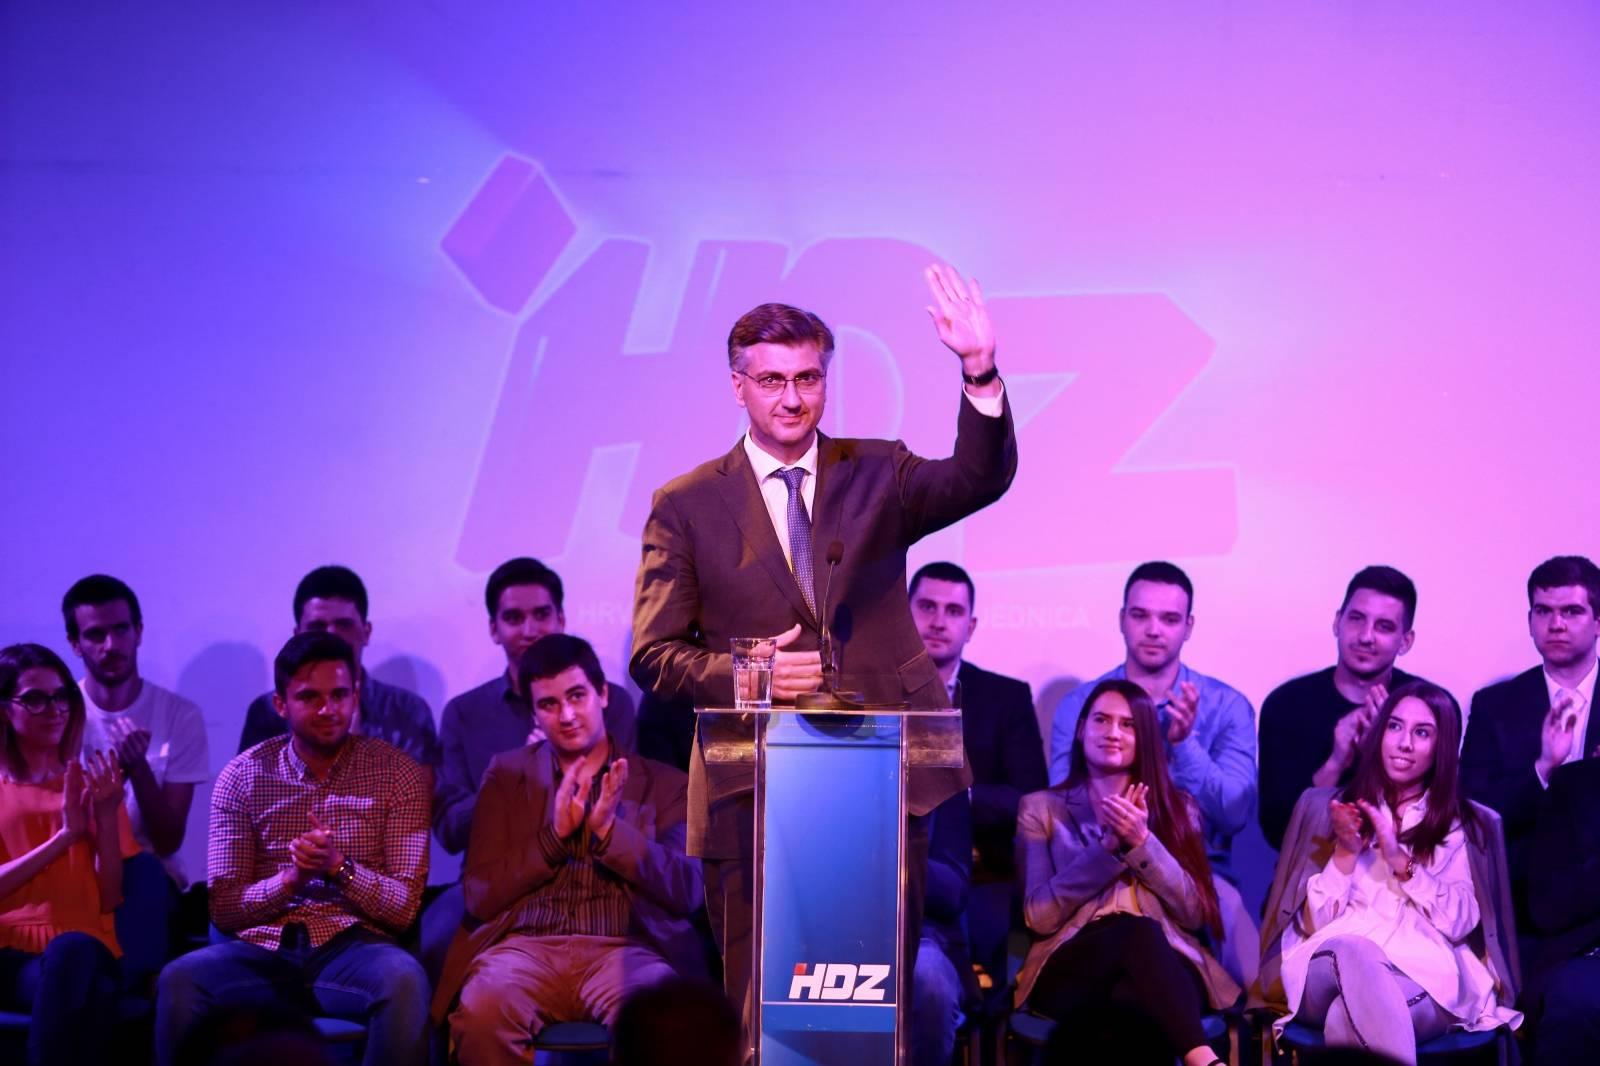 Zagreb: Svečano obilježavanje 29. obljetnice osnutka HDZ-a Maksimir